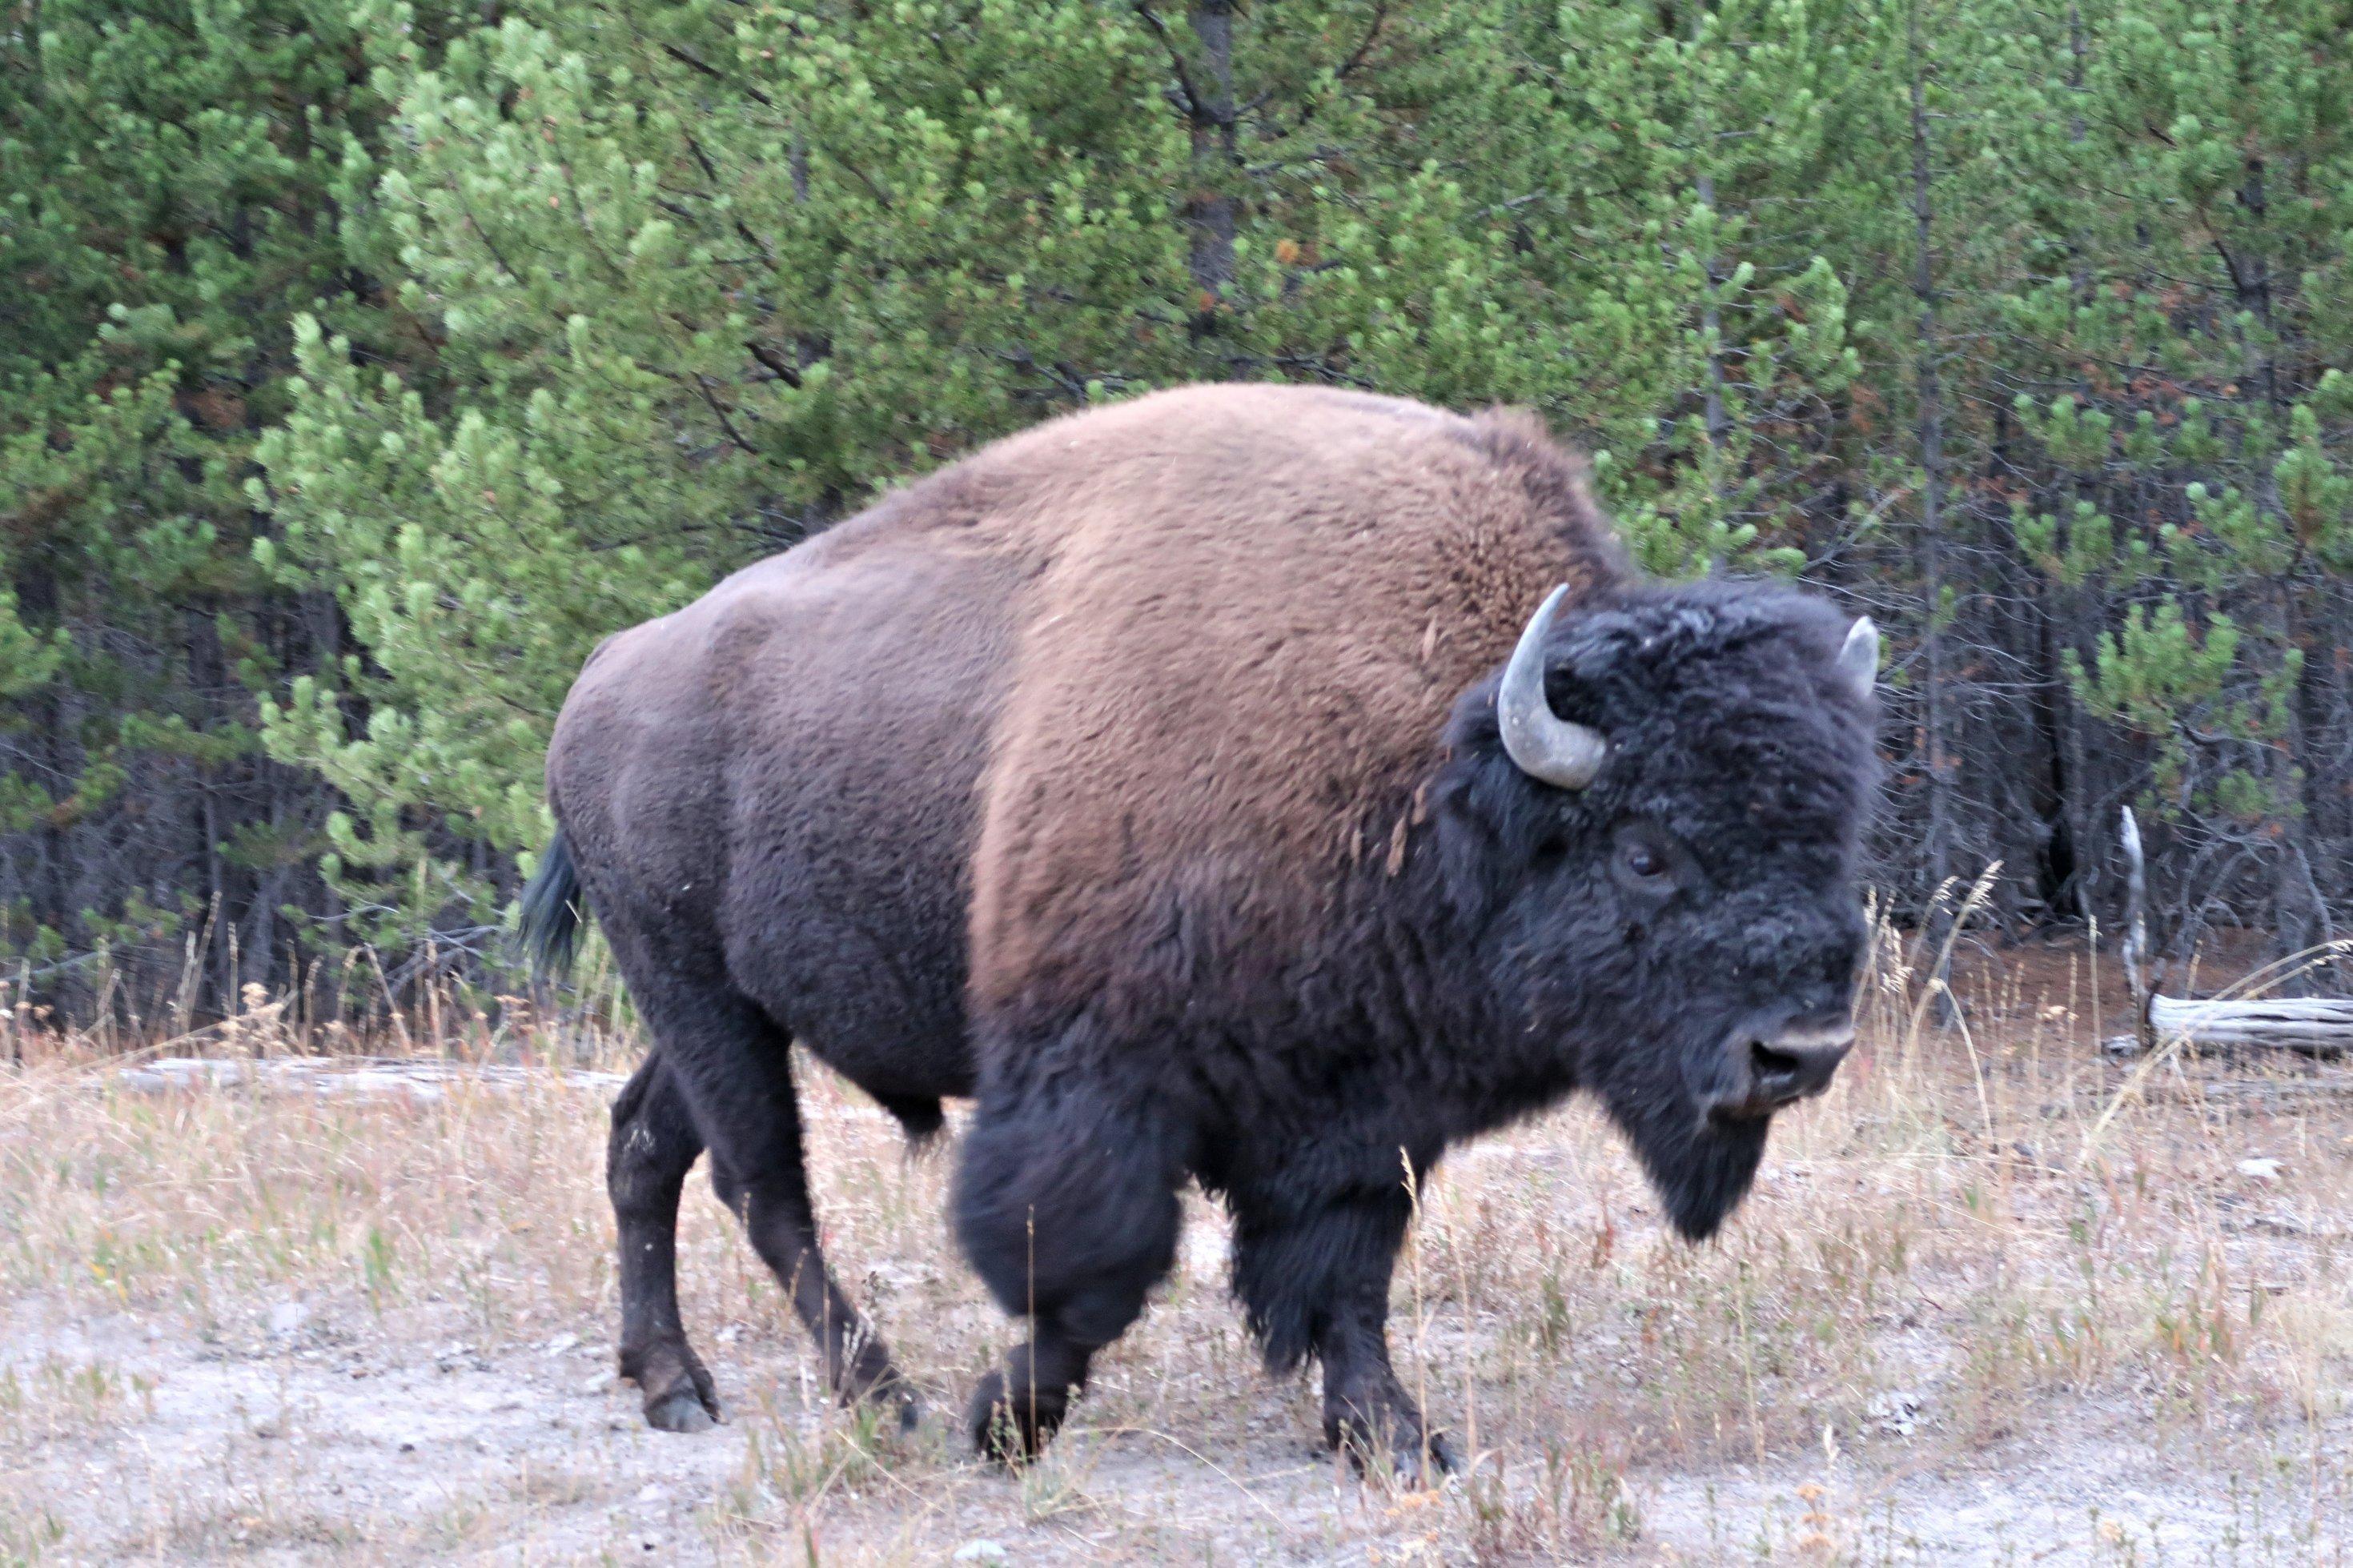 Zu sehen ist das Foto eines großen Bisons.